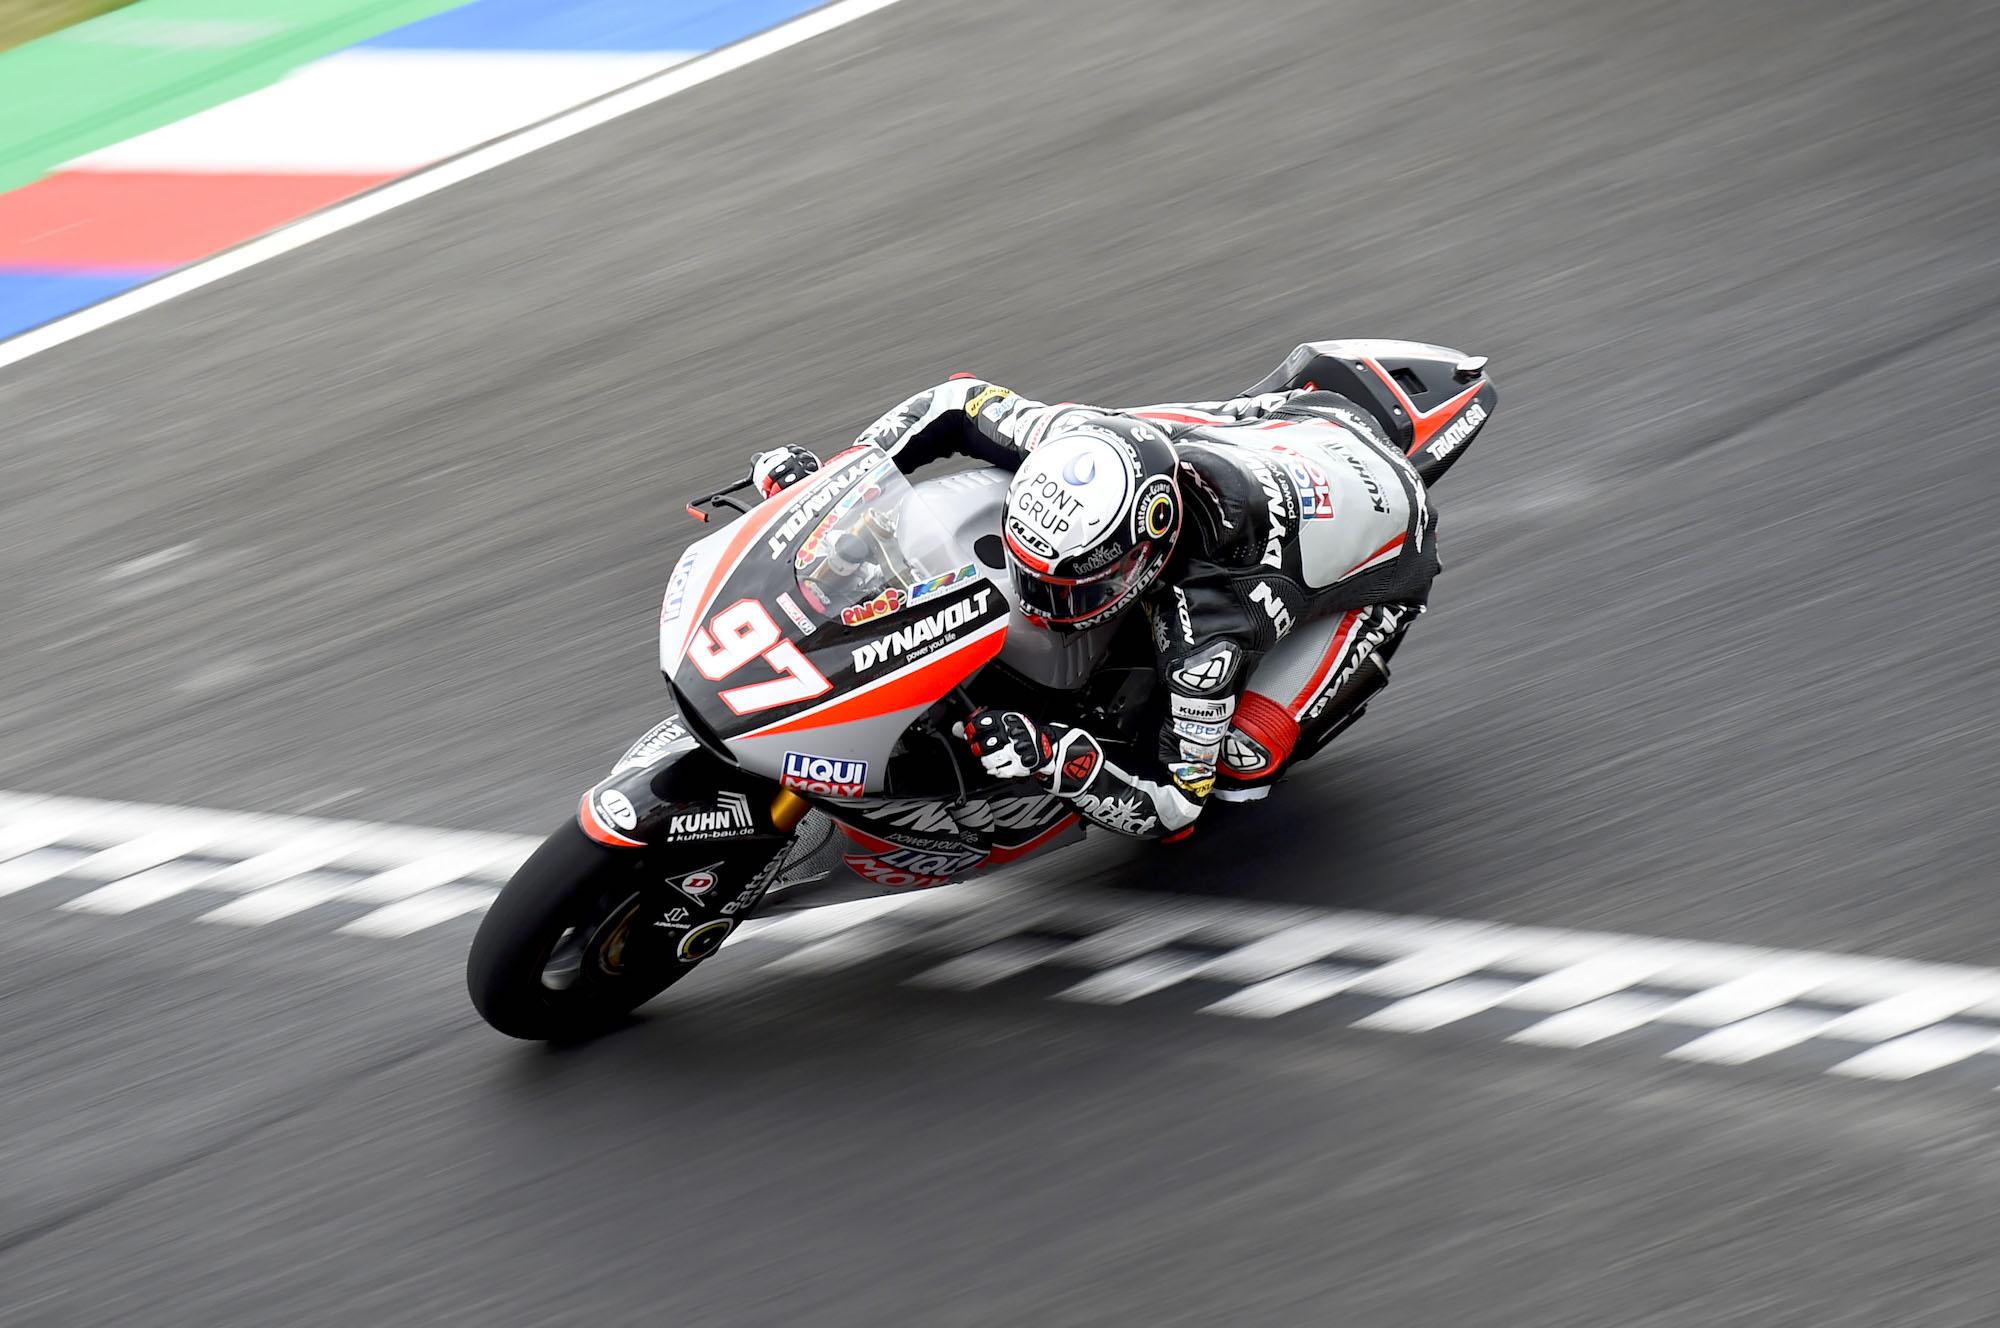 Xavi Vierge vuelve a brillar y se lleva la pole de Moto2 en Argentina